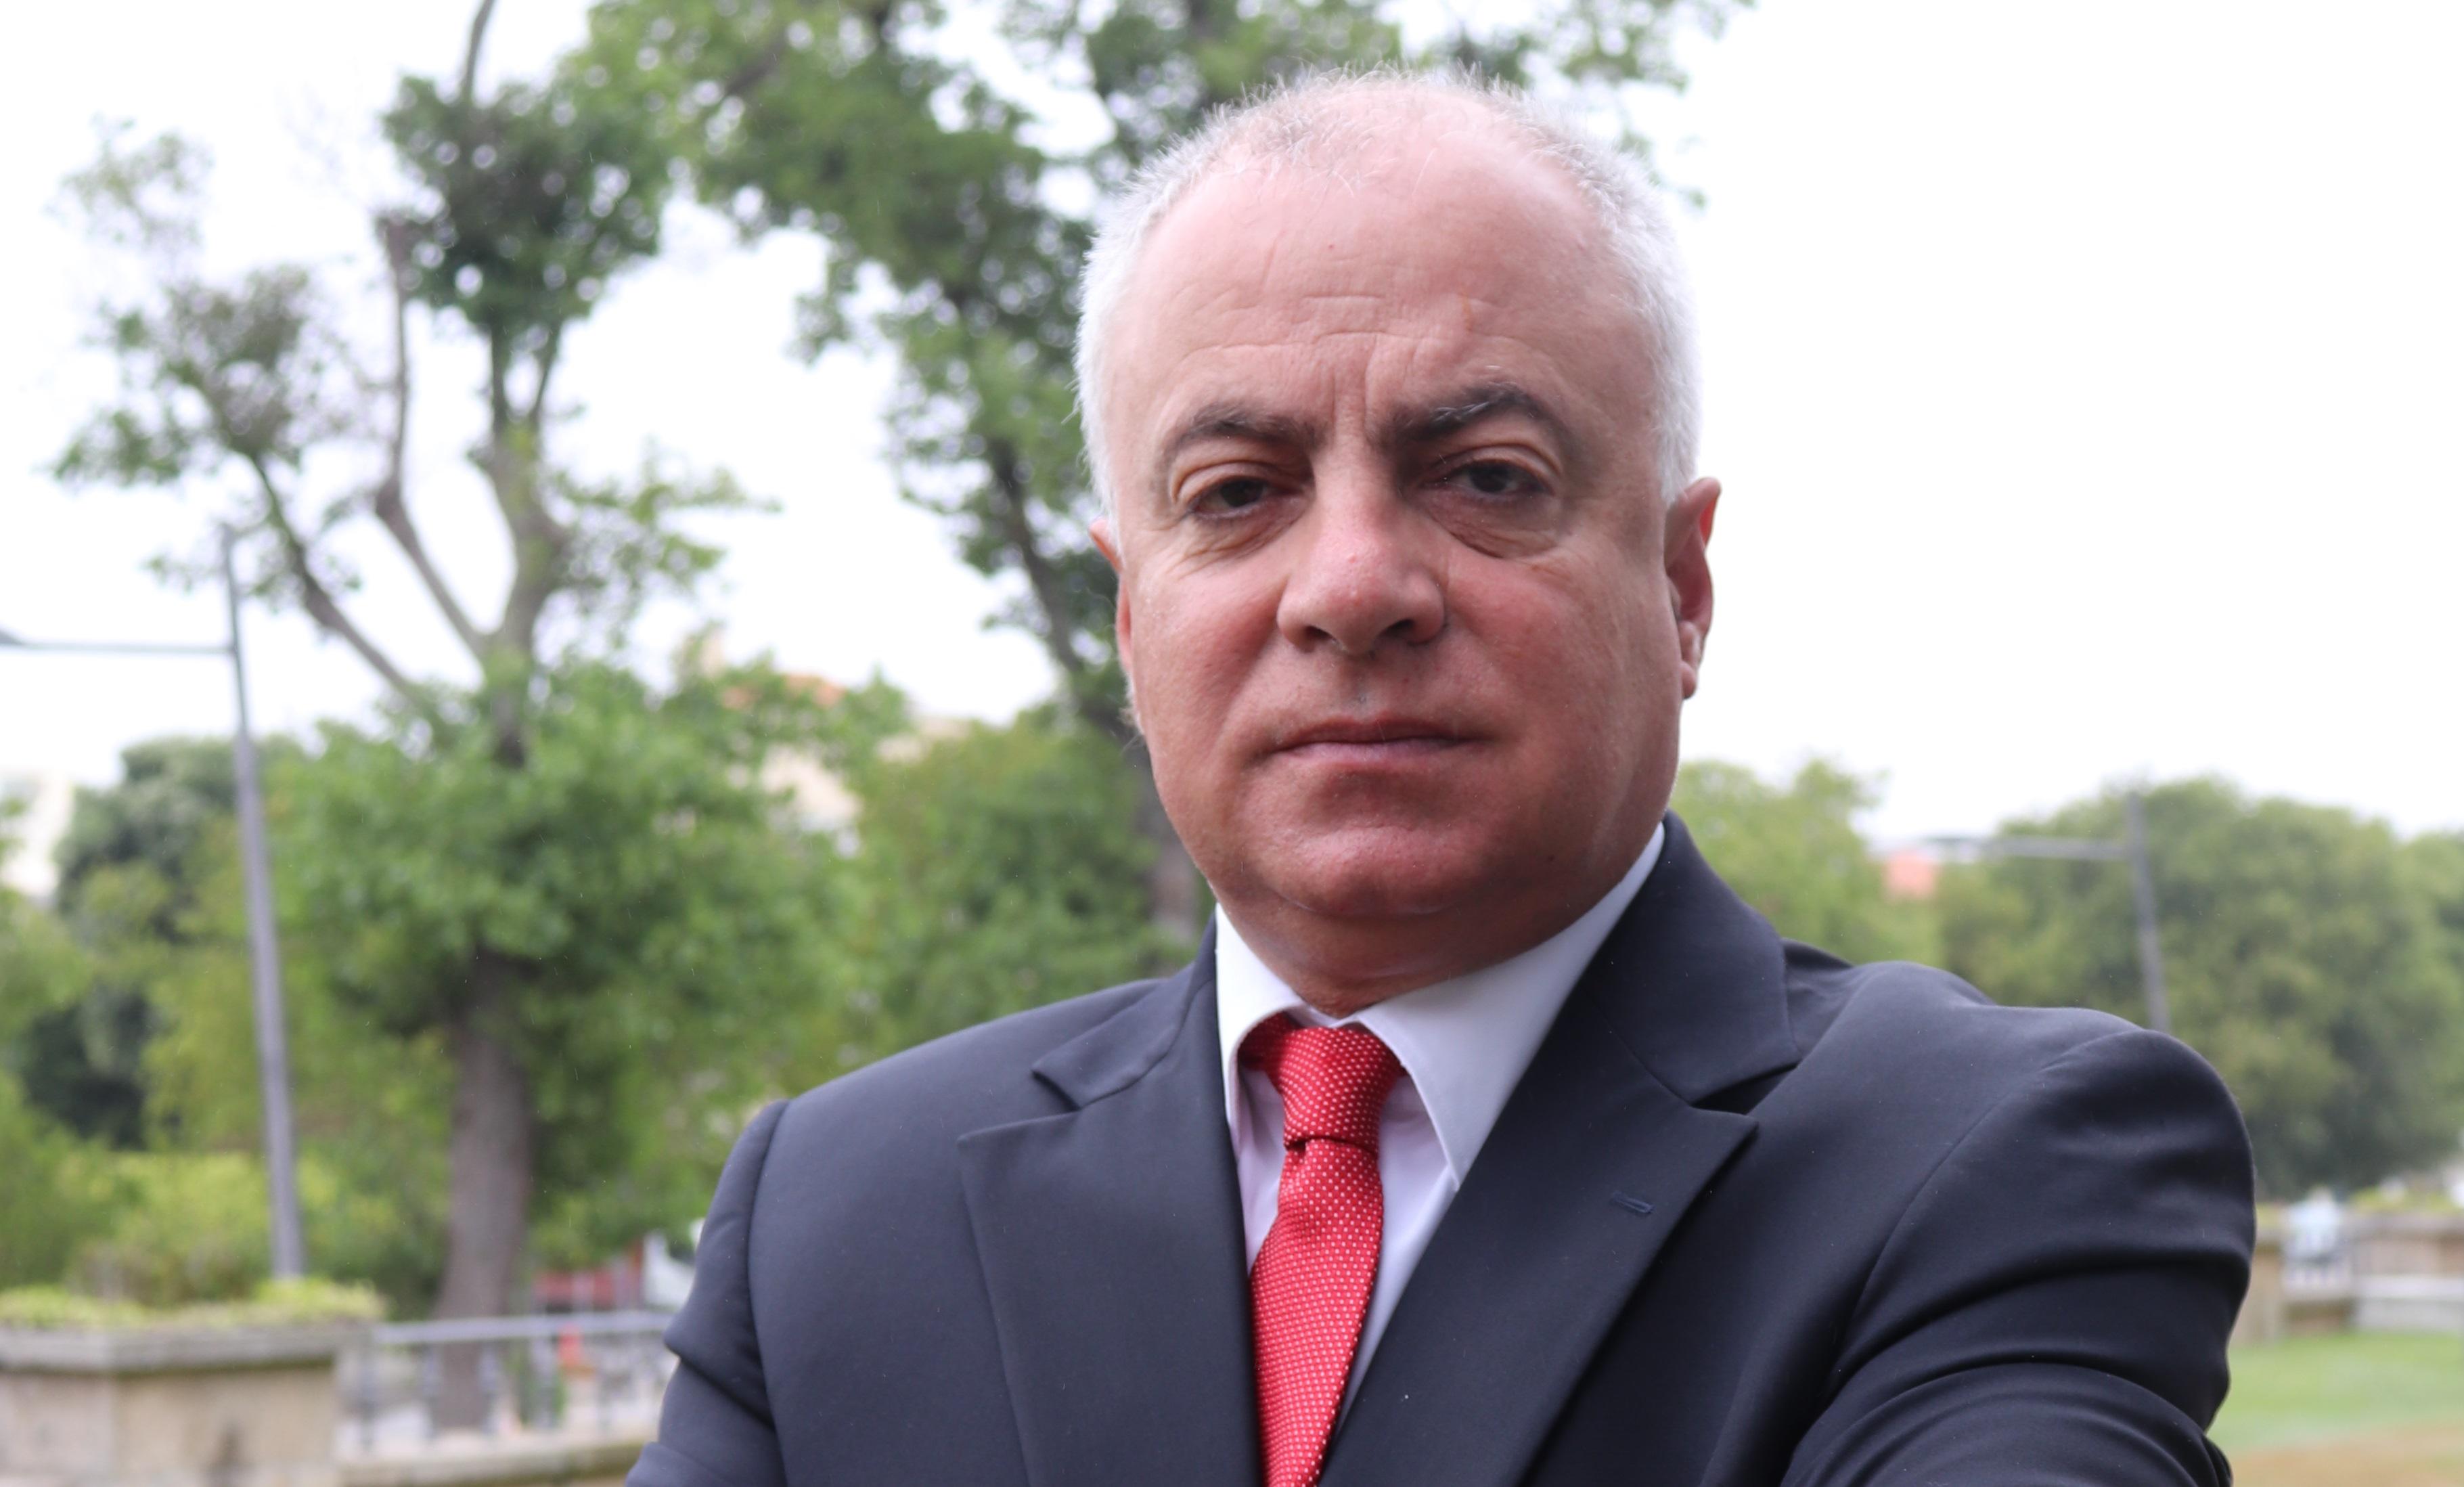 Luís Lima, presidente da Associação dos Profissionais e Empresas de Mediação Imobiliária de Portugal / APEMIP